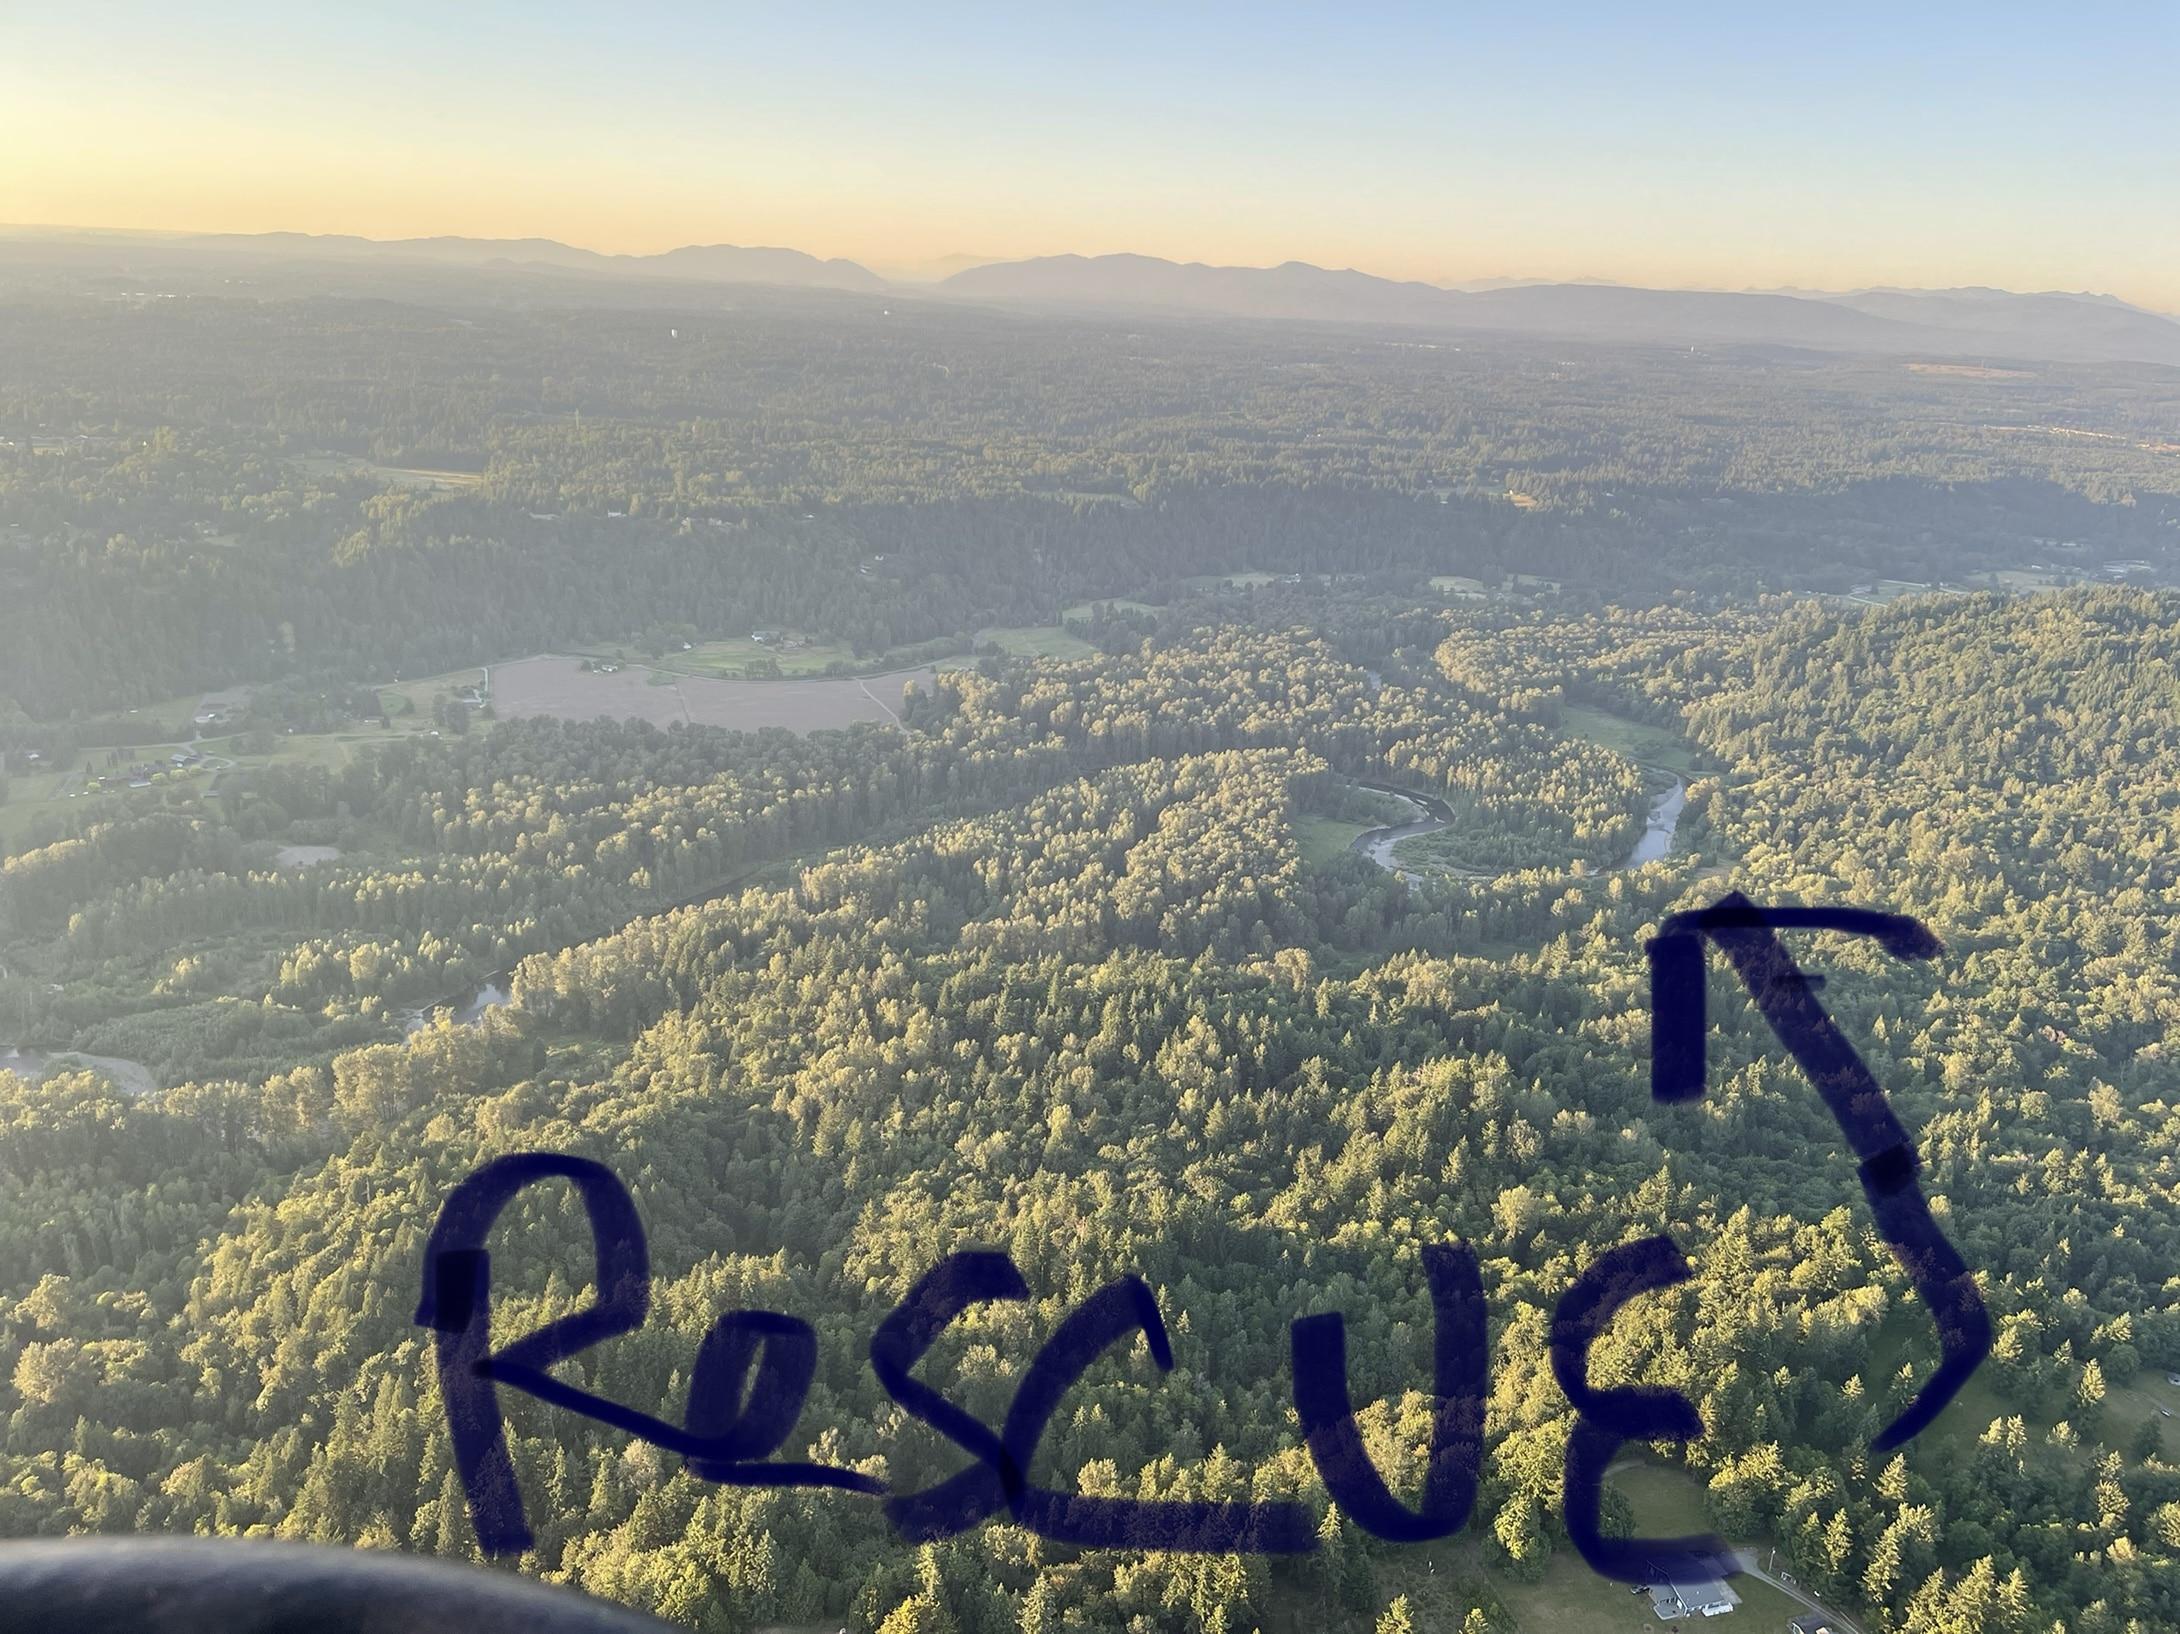 Hot air balloon rescue